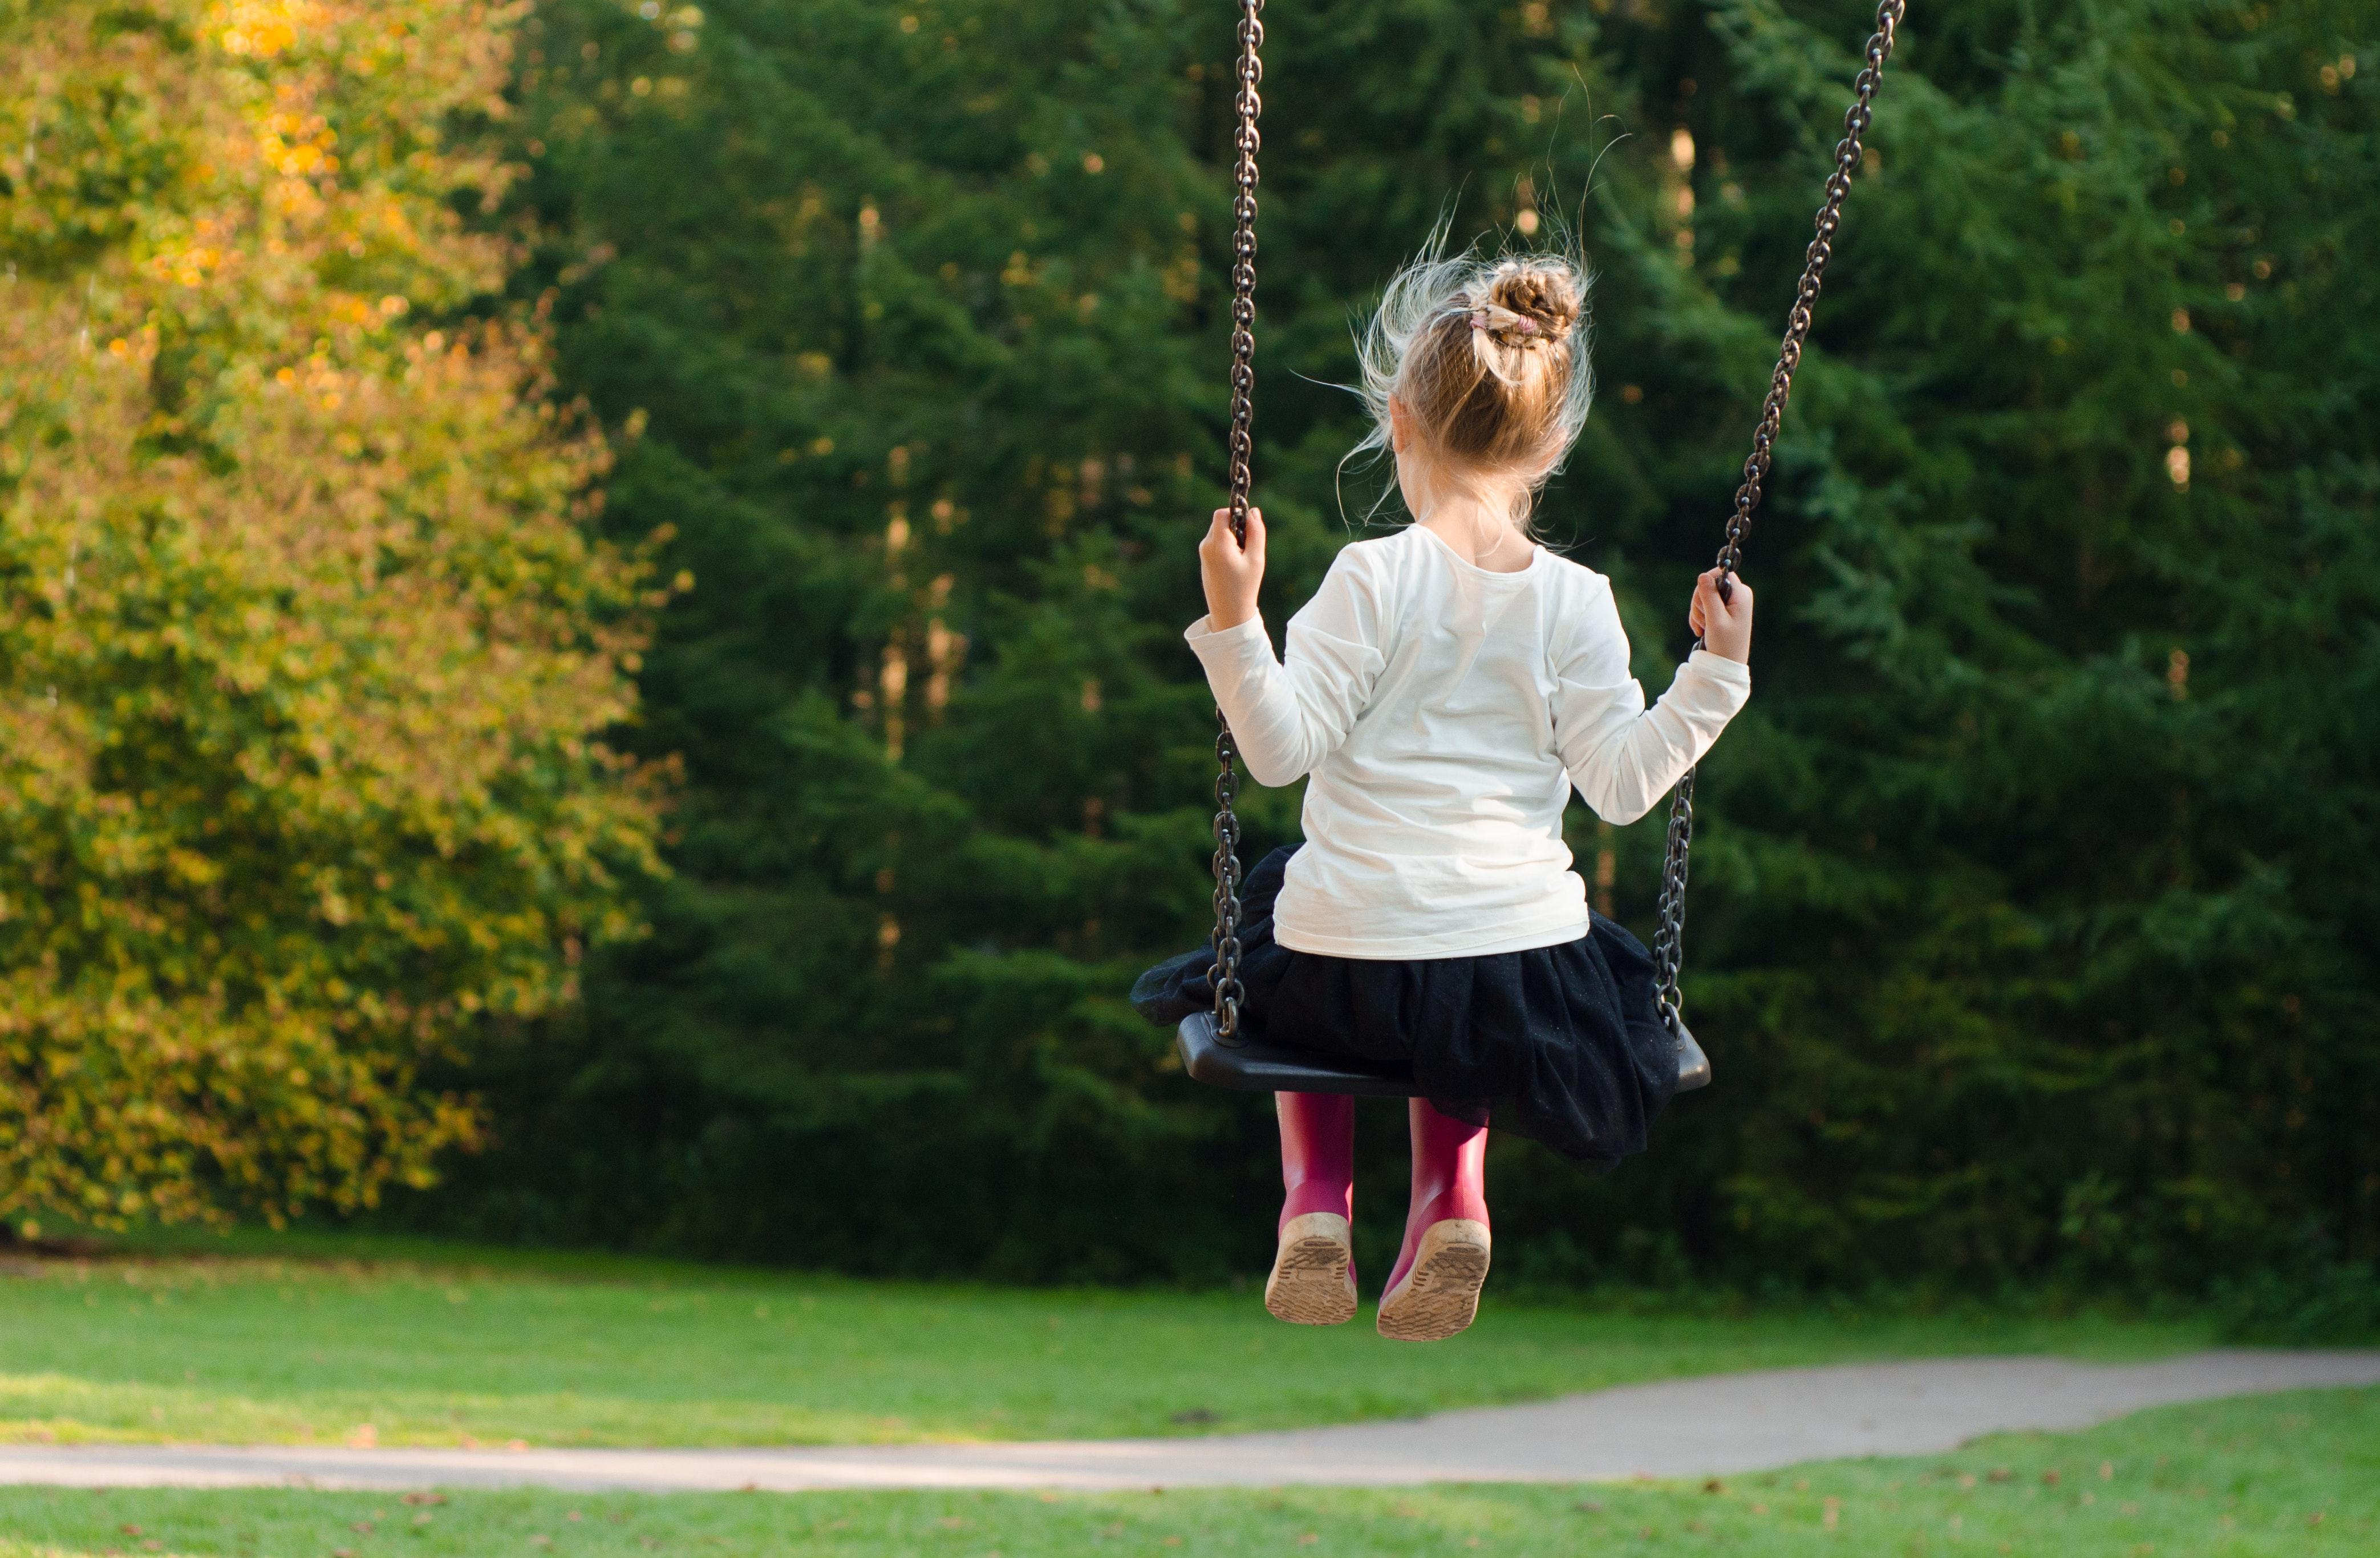 137246 скачать обои Разное, Ребенок, Девочка, Качели, Счастье, Детство - заставки и картинки бесплатно